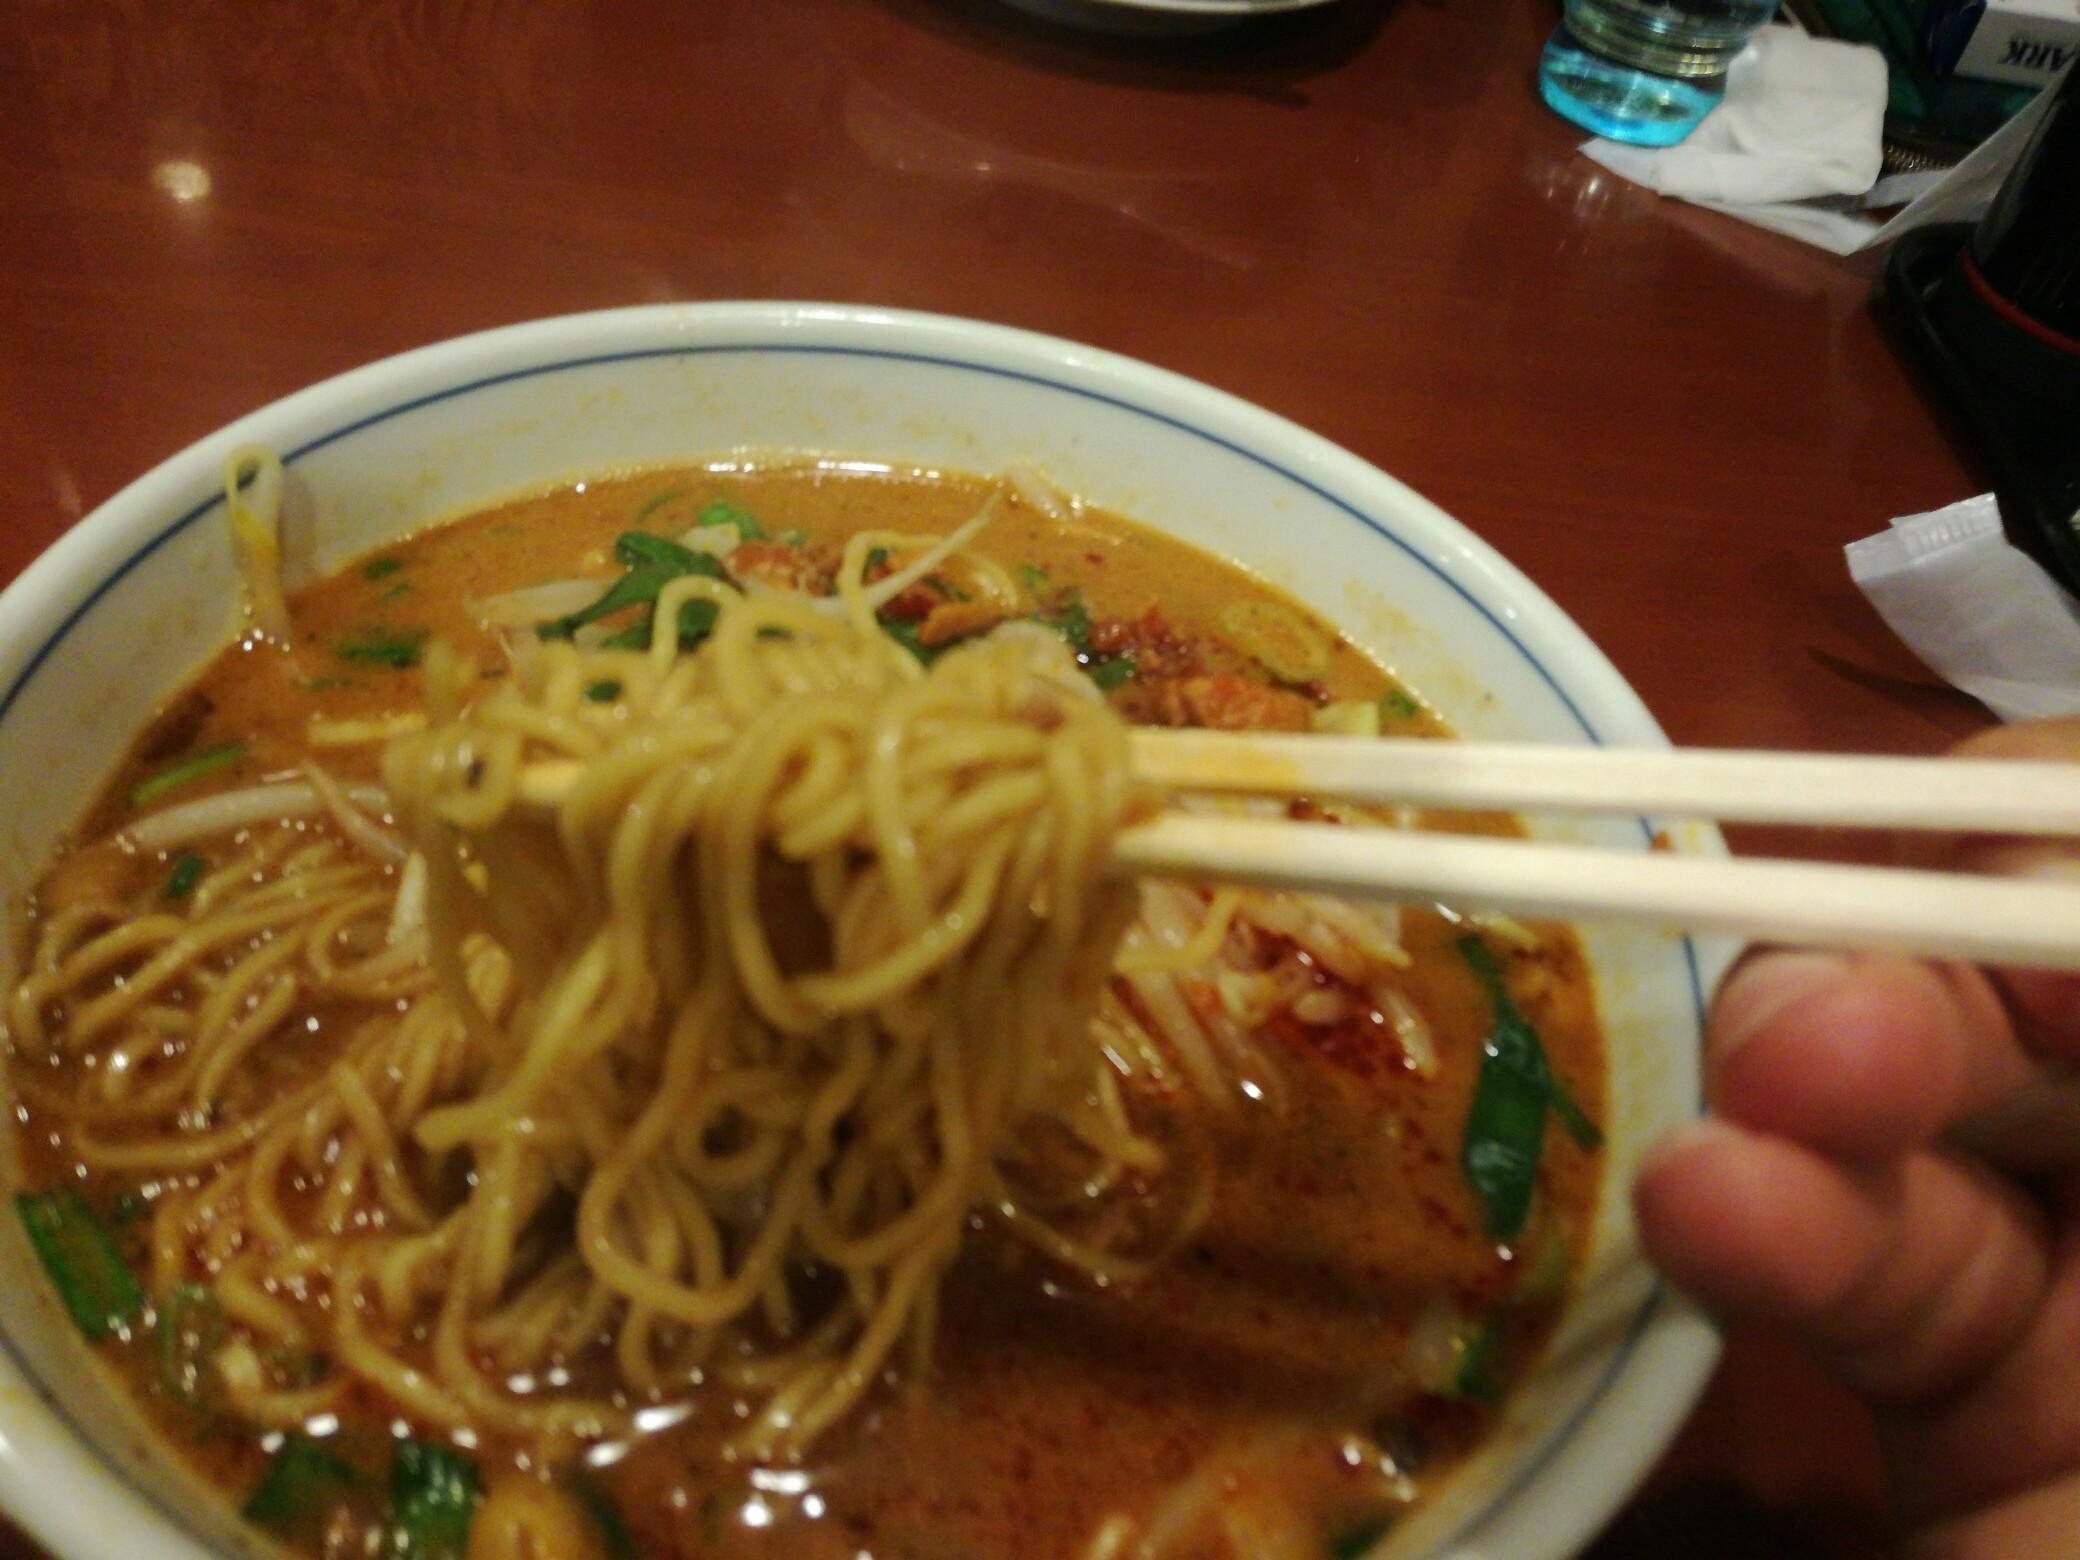 中華料理と台湾料理、違いはありますか? - こんに …